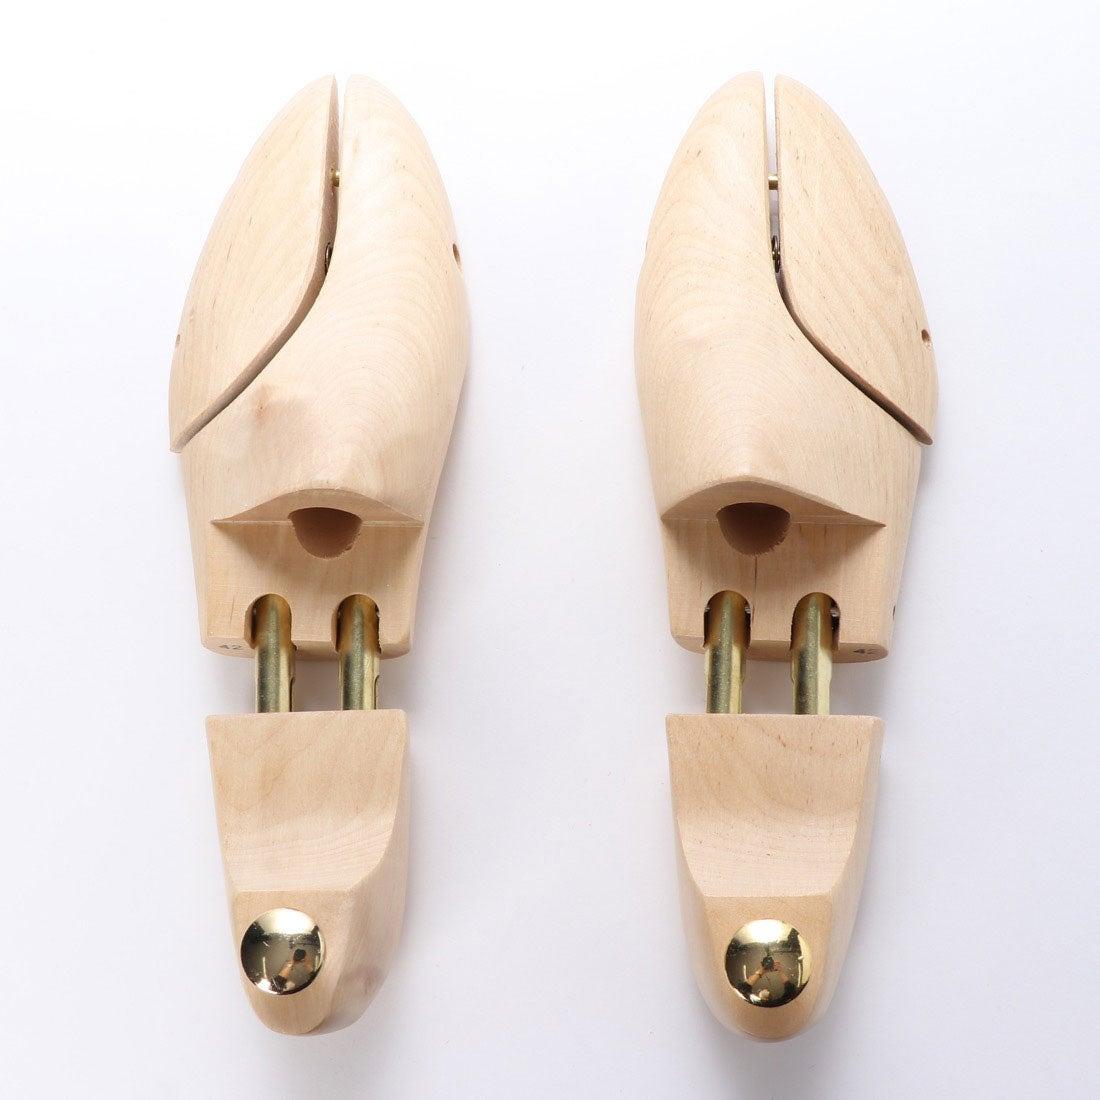 ロコンド 靴とファッションの通販サイトキングヤード KING YARD KINGYARD ツインチューブ #42 27-27.5cm (ニュートラル)